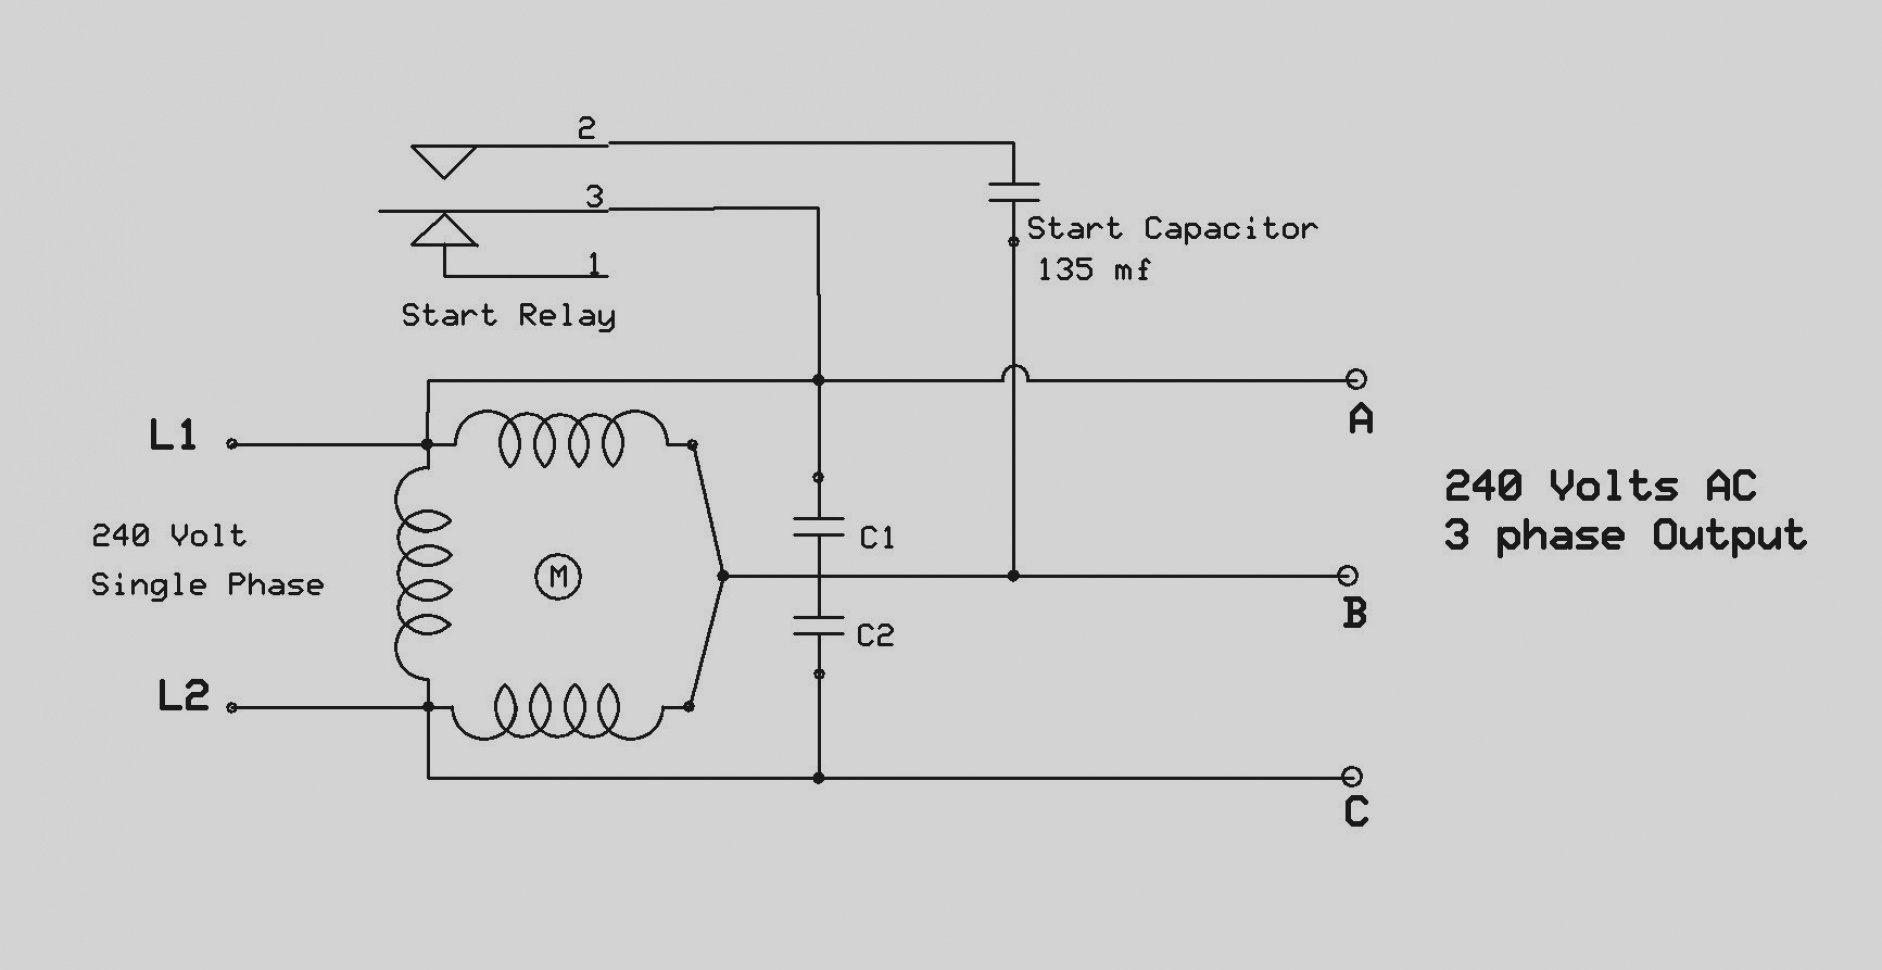 baldor l1512t motor capacitor wiring diagram Baldor Electric Motor Capacitor Wiring baldor 5 hp electric motor wiring diagram wiring library baldor 3 phase wiring diagram baldor l1512t motor capacitor wiring diagram